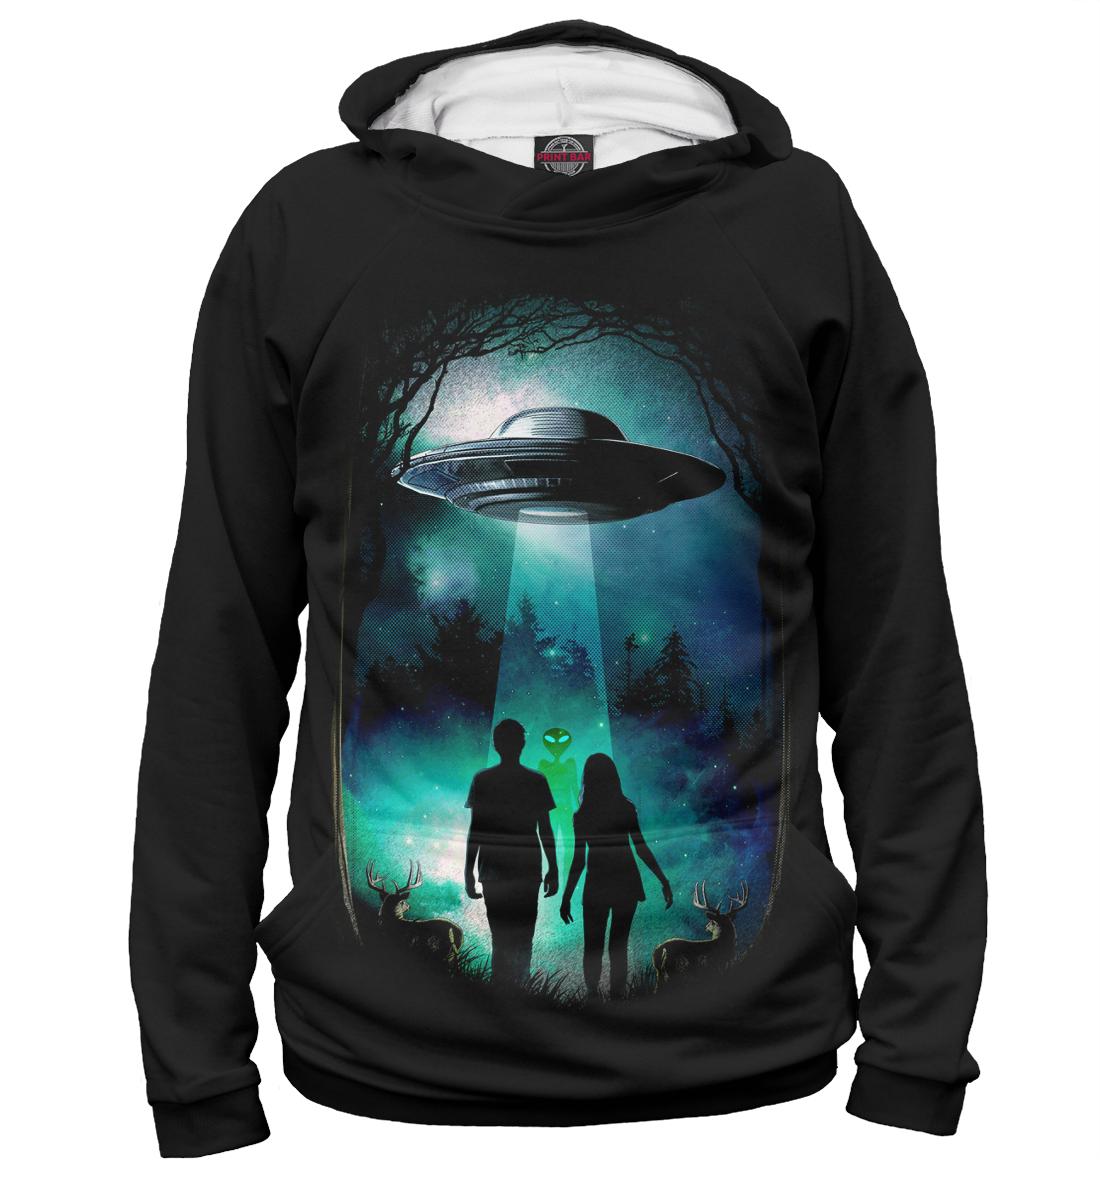 Купить Aliens, Printbar, Худи, APD-757970-hud-1